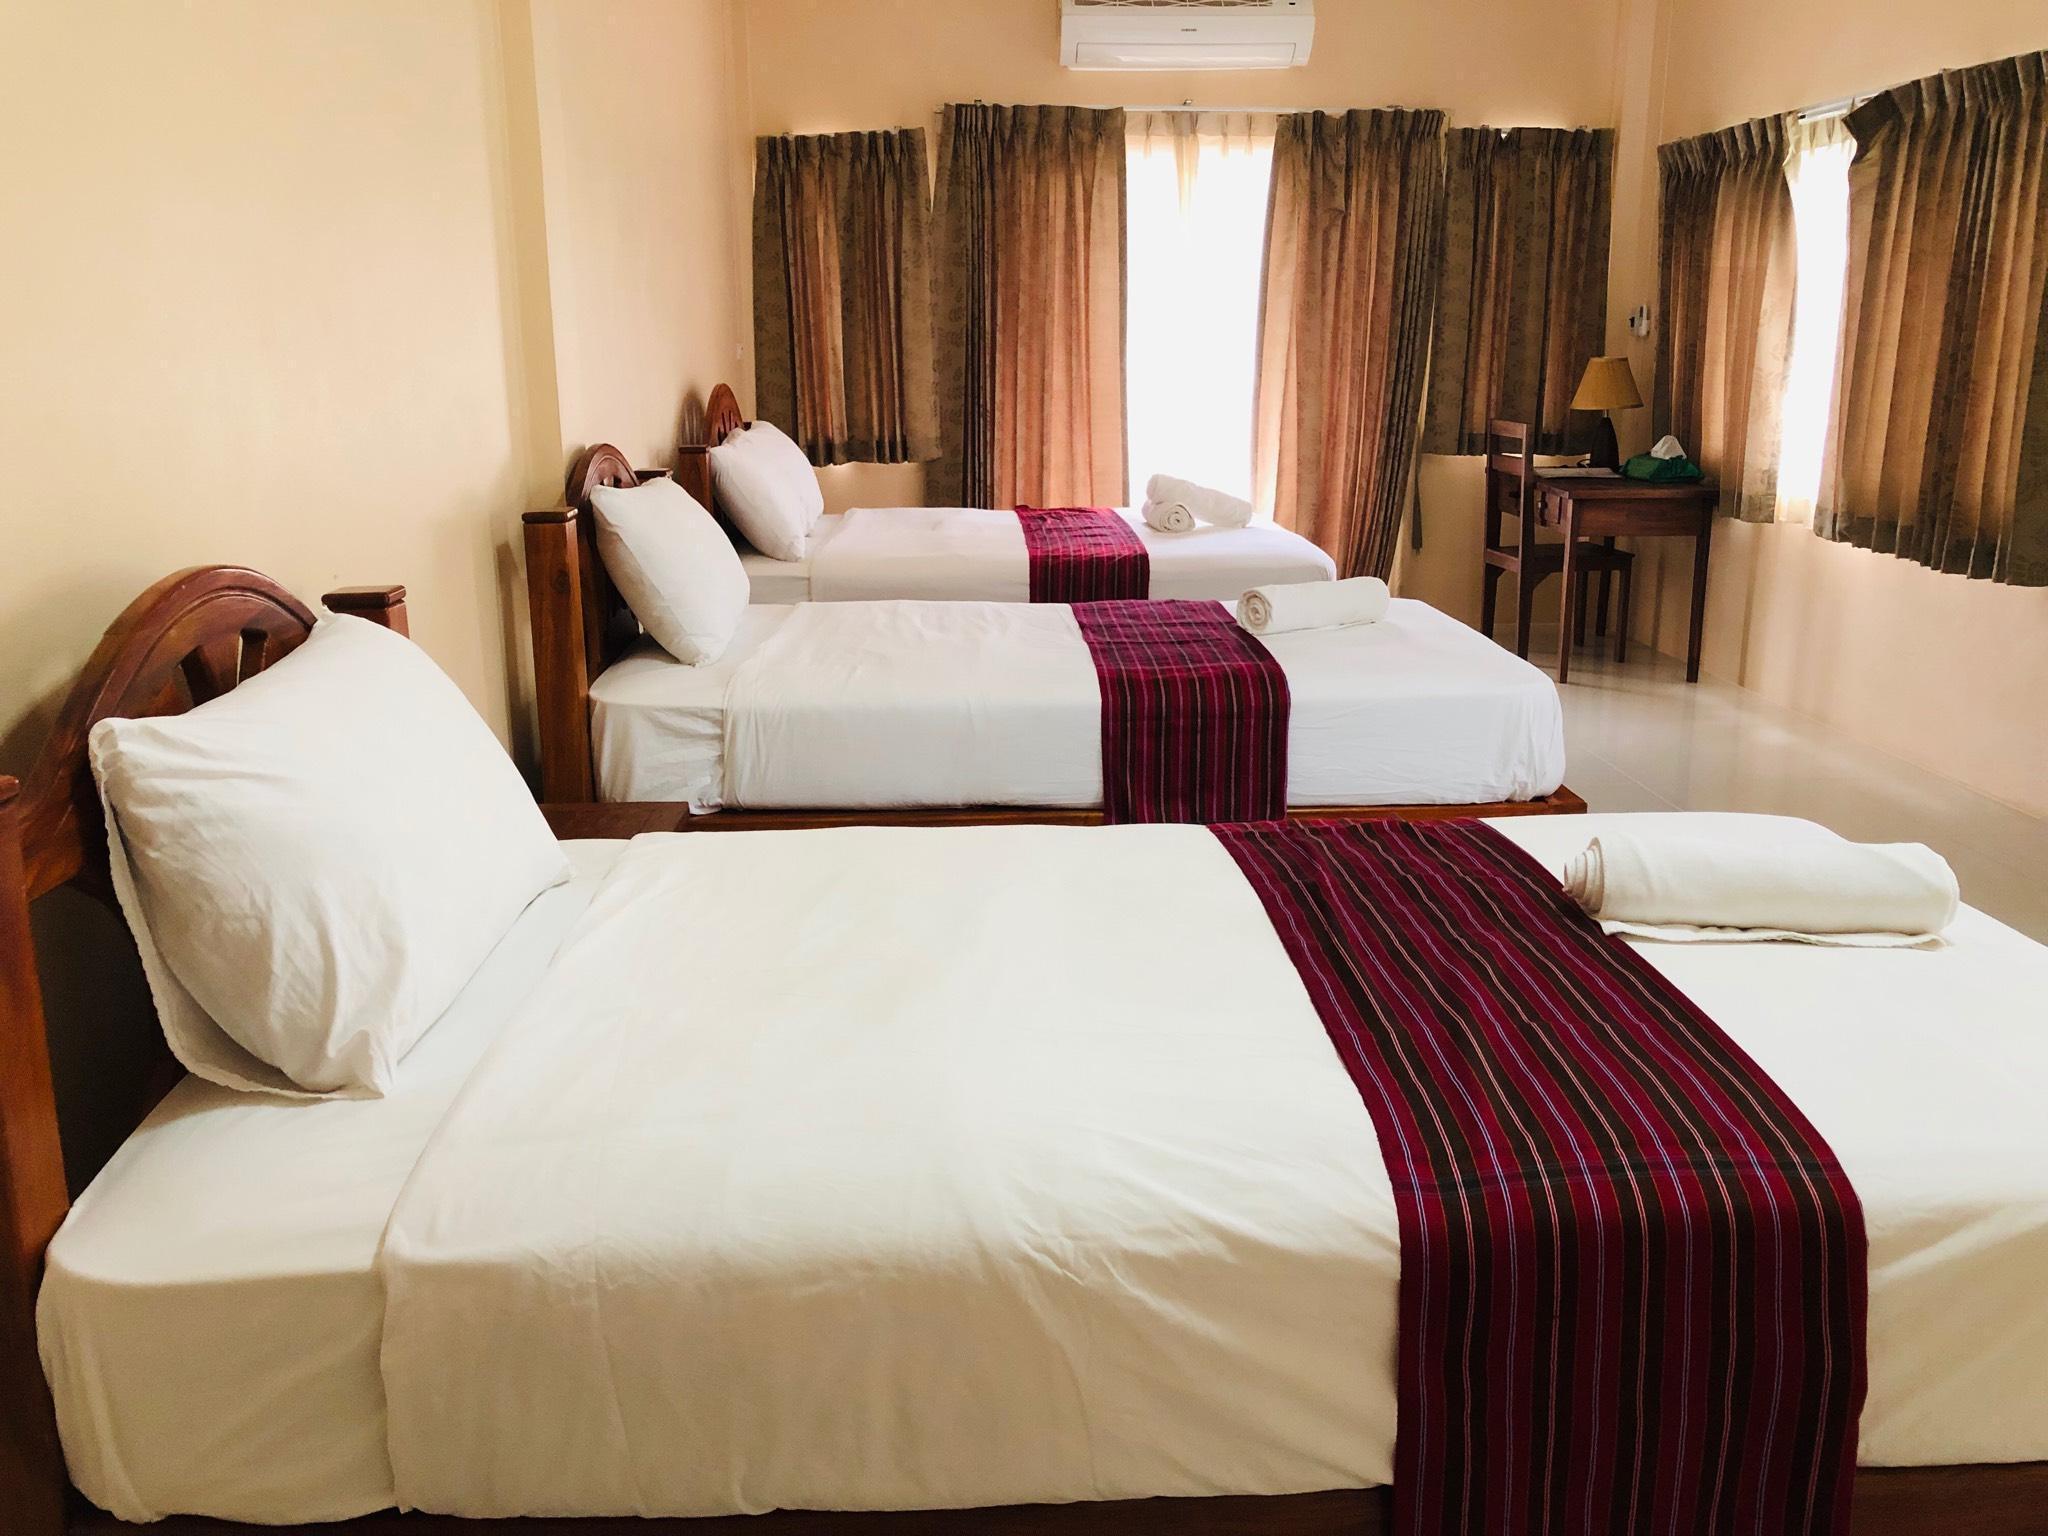 Family stay in Khao Sok Bed and Breakfast อพาร์ตเมนต์ 1 ห้องนอน 1 ห้องน้ำส่วนตัว ขนาด 24 ตร.ม. – ใจกลางเมือง